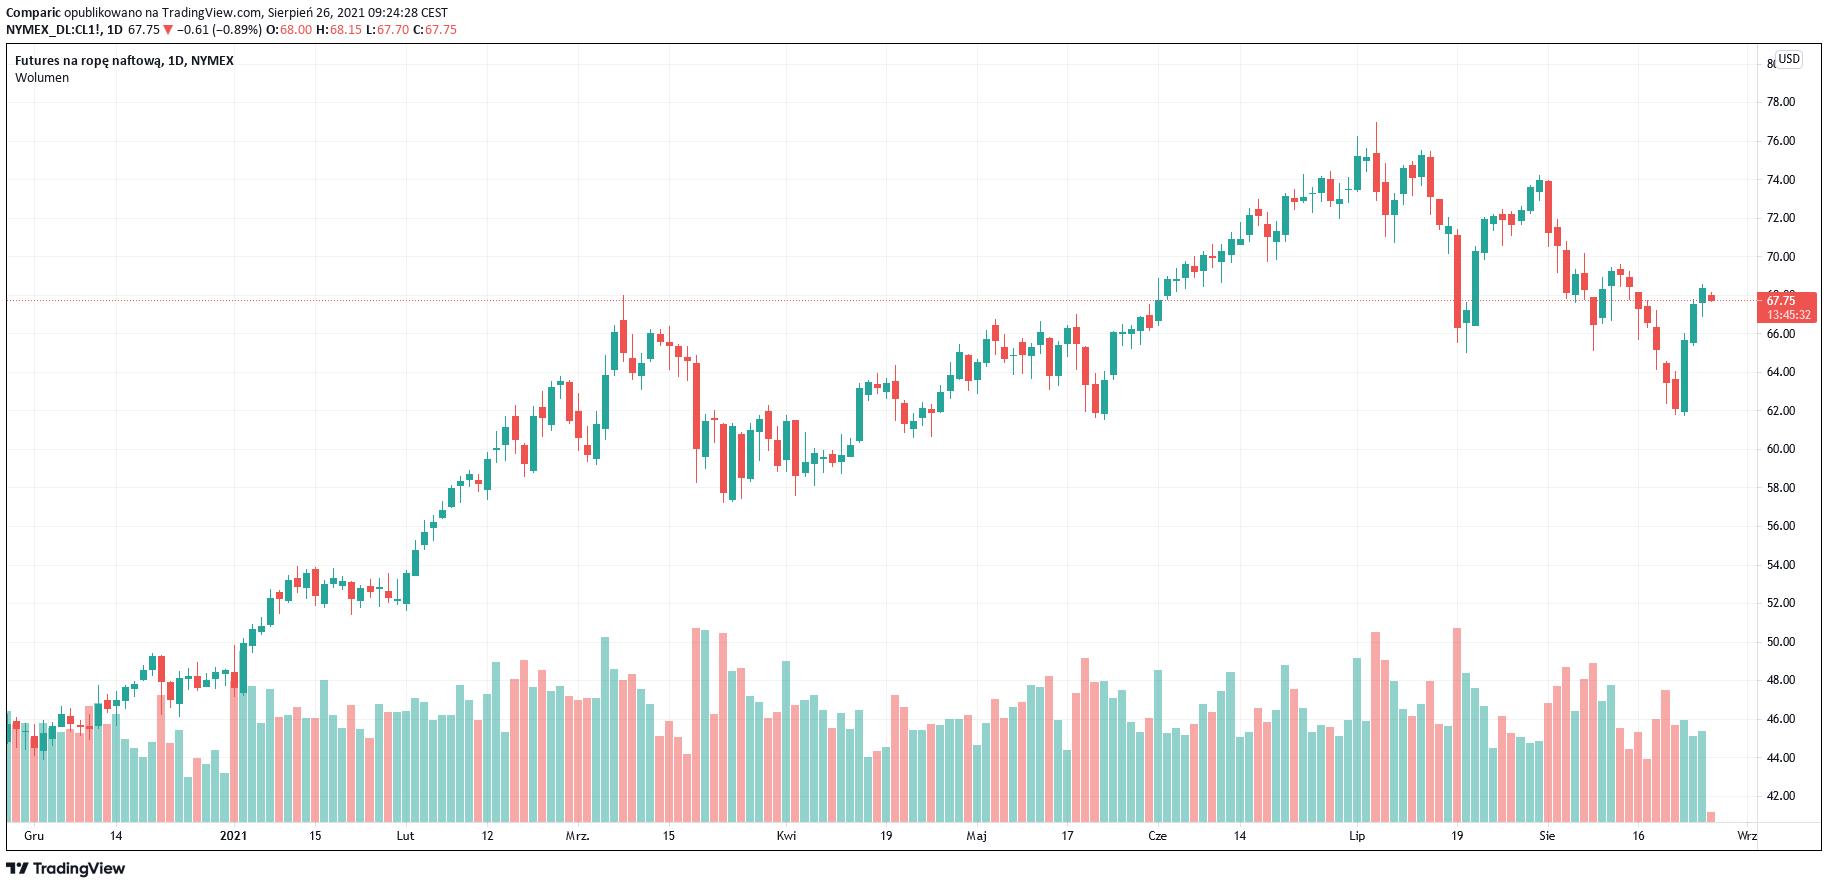 Cena ropy WTI w dół w czwartek, przerywa wzrostową passę